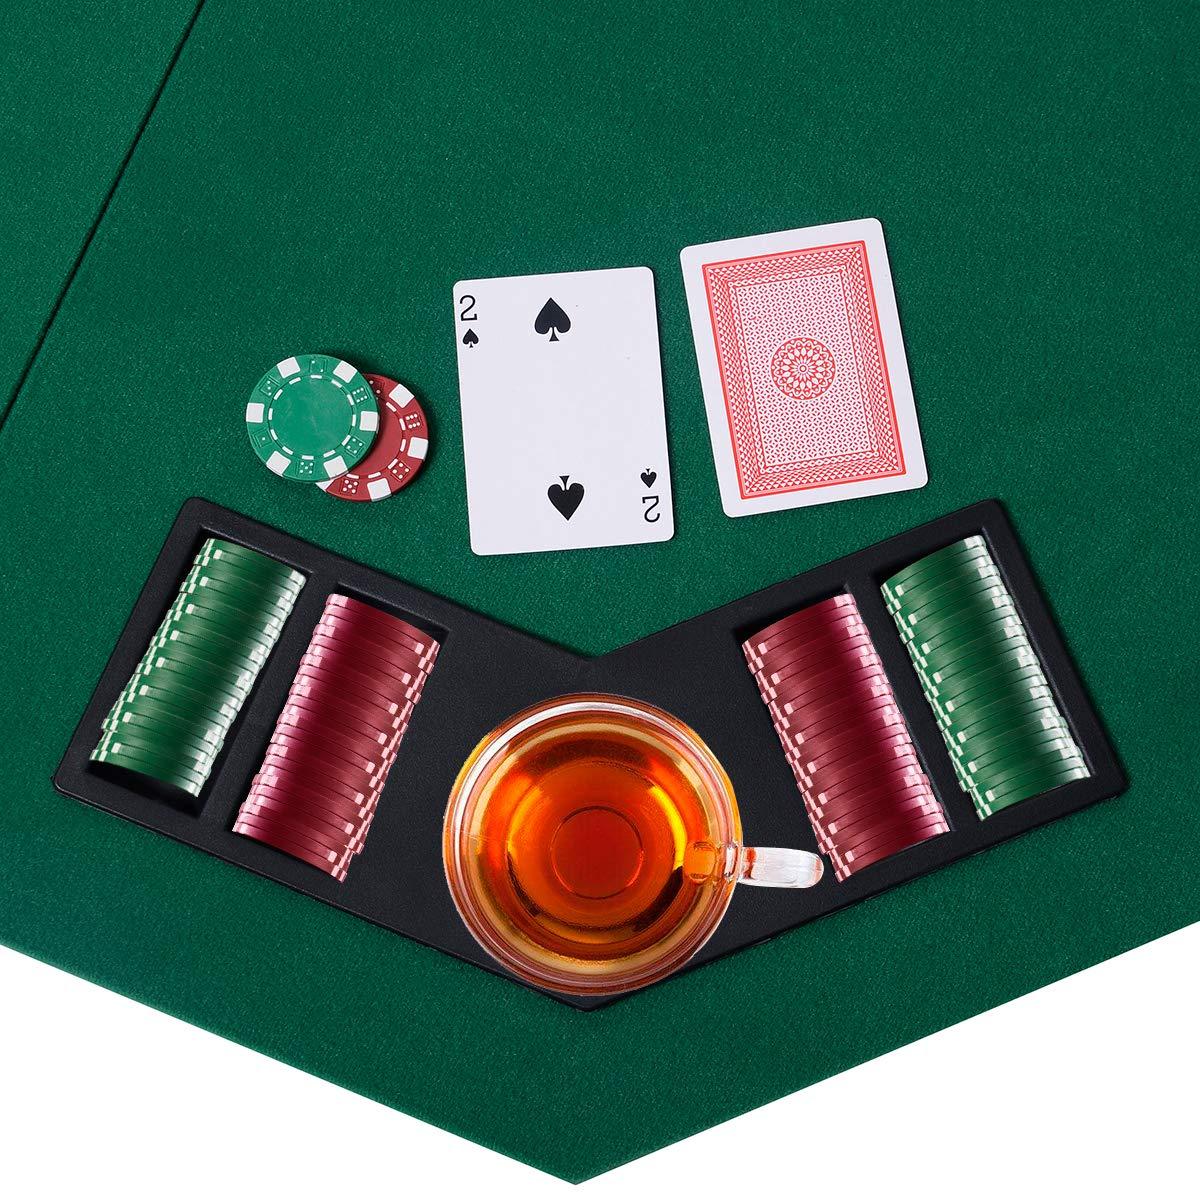 Giantex 48 Folding Poker Table Top Green Octagon 8 Player Four Fold Folding Poker Table Top /& Carrying Case